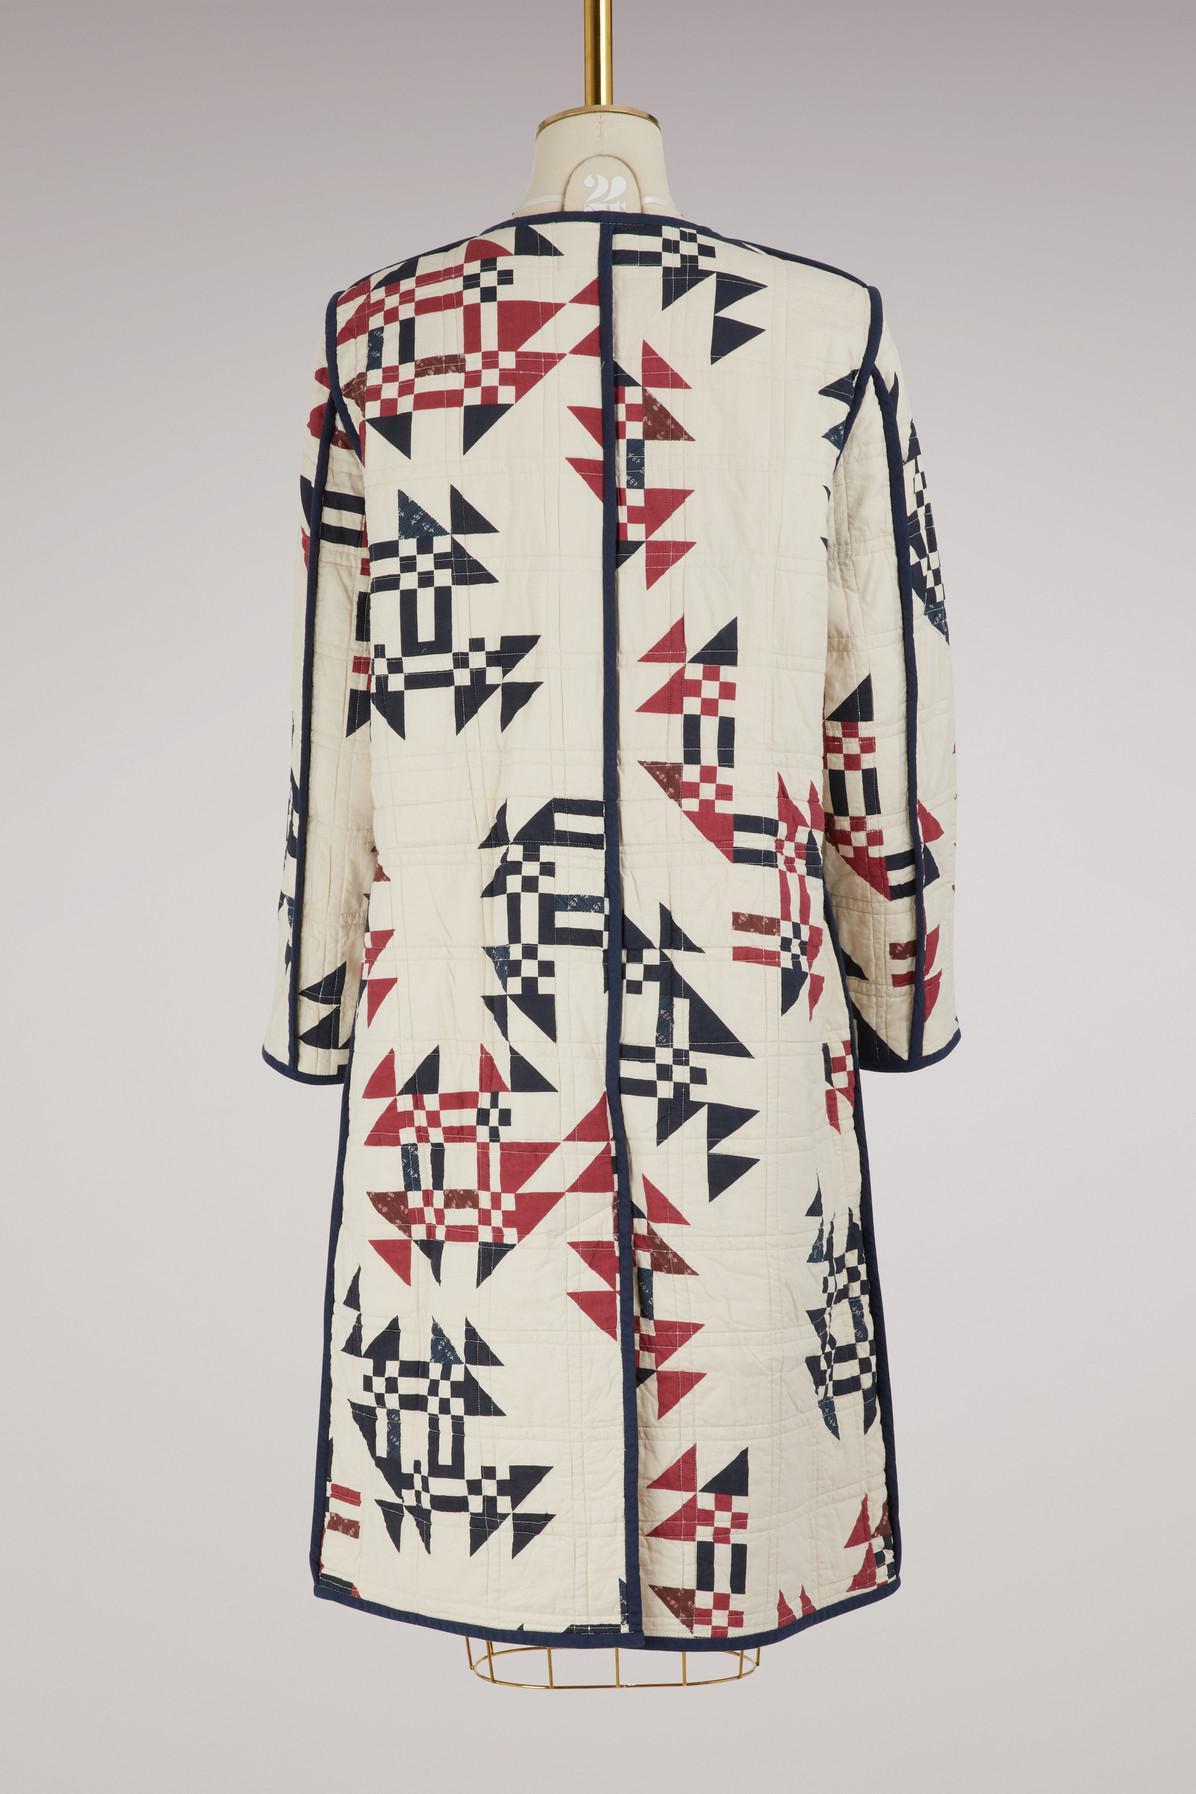 Coton Lyst Plein Leist En Afficher Écran Manteau Multicolor Isabel Marant qYwUaxR1wX